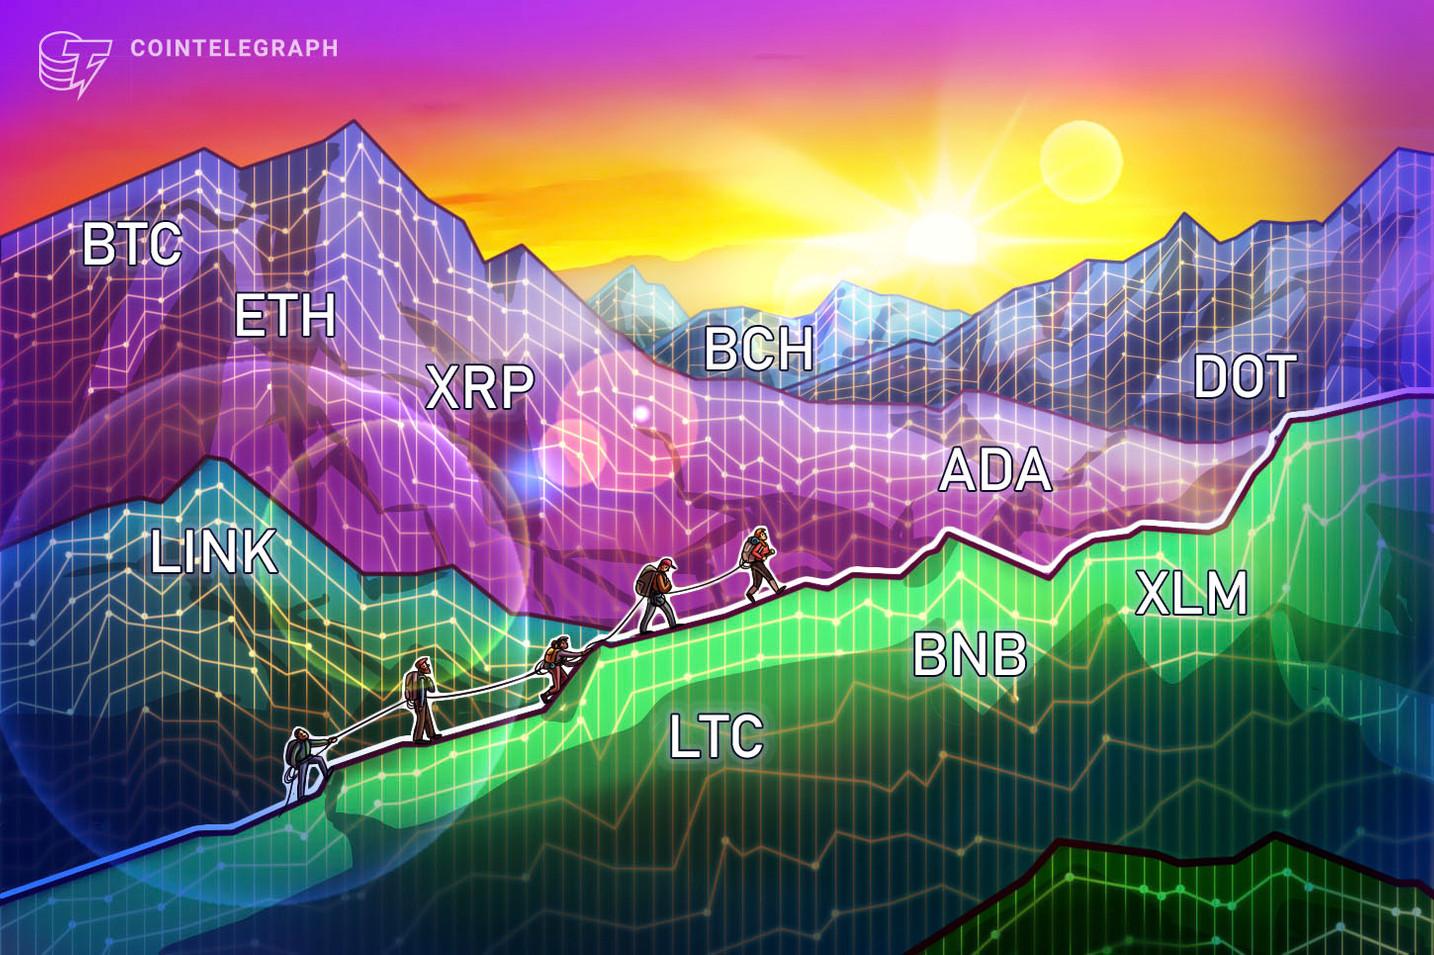 BTC急落も上昇トレンド維持 仮想通貨チャート分析:ビットコイン・イーサ・XRP(リップル)・ビットコインキャッシュ・ライトコイン